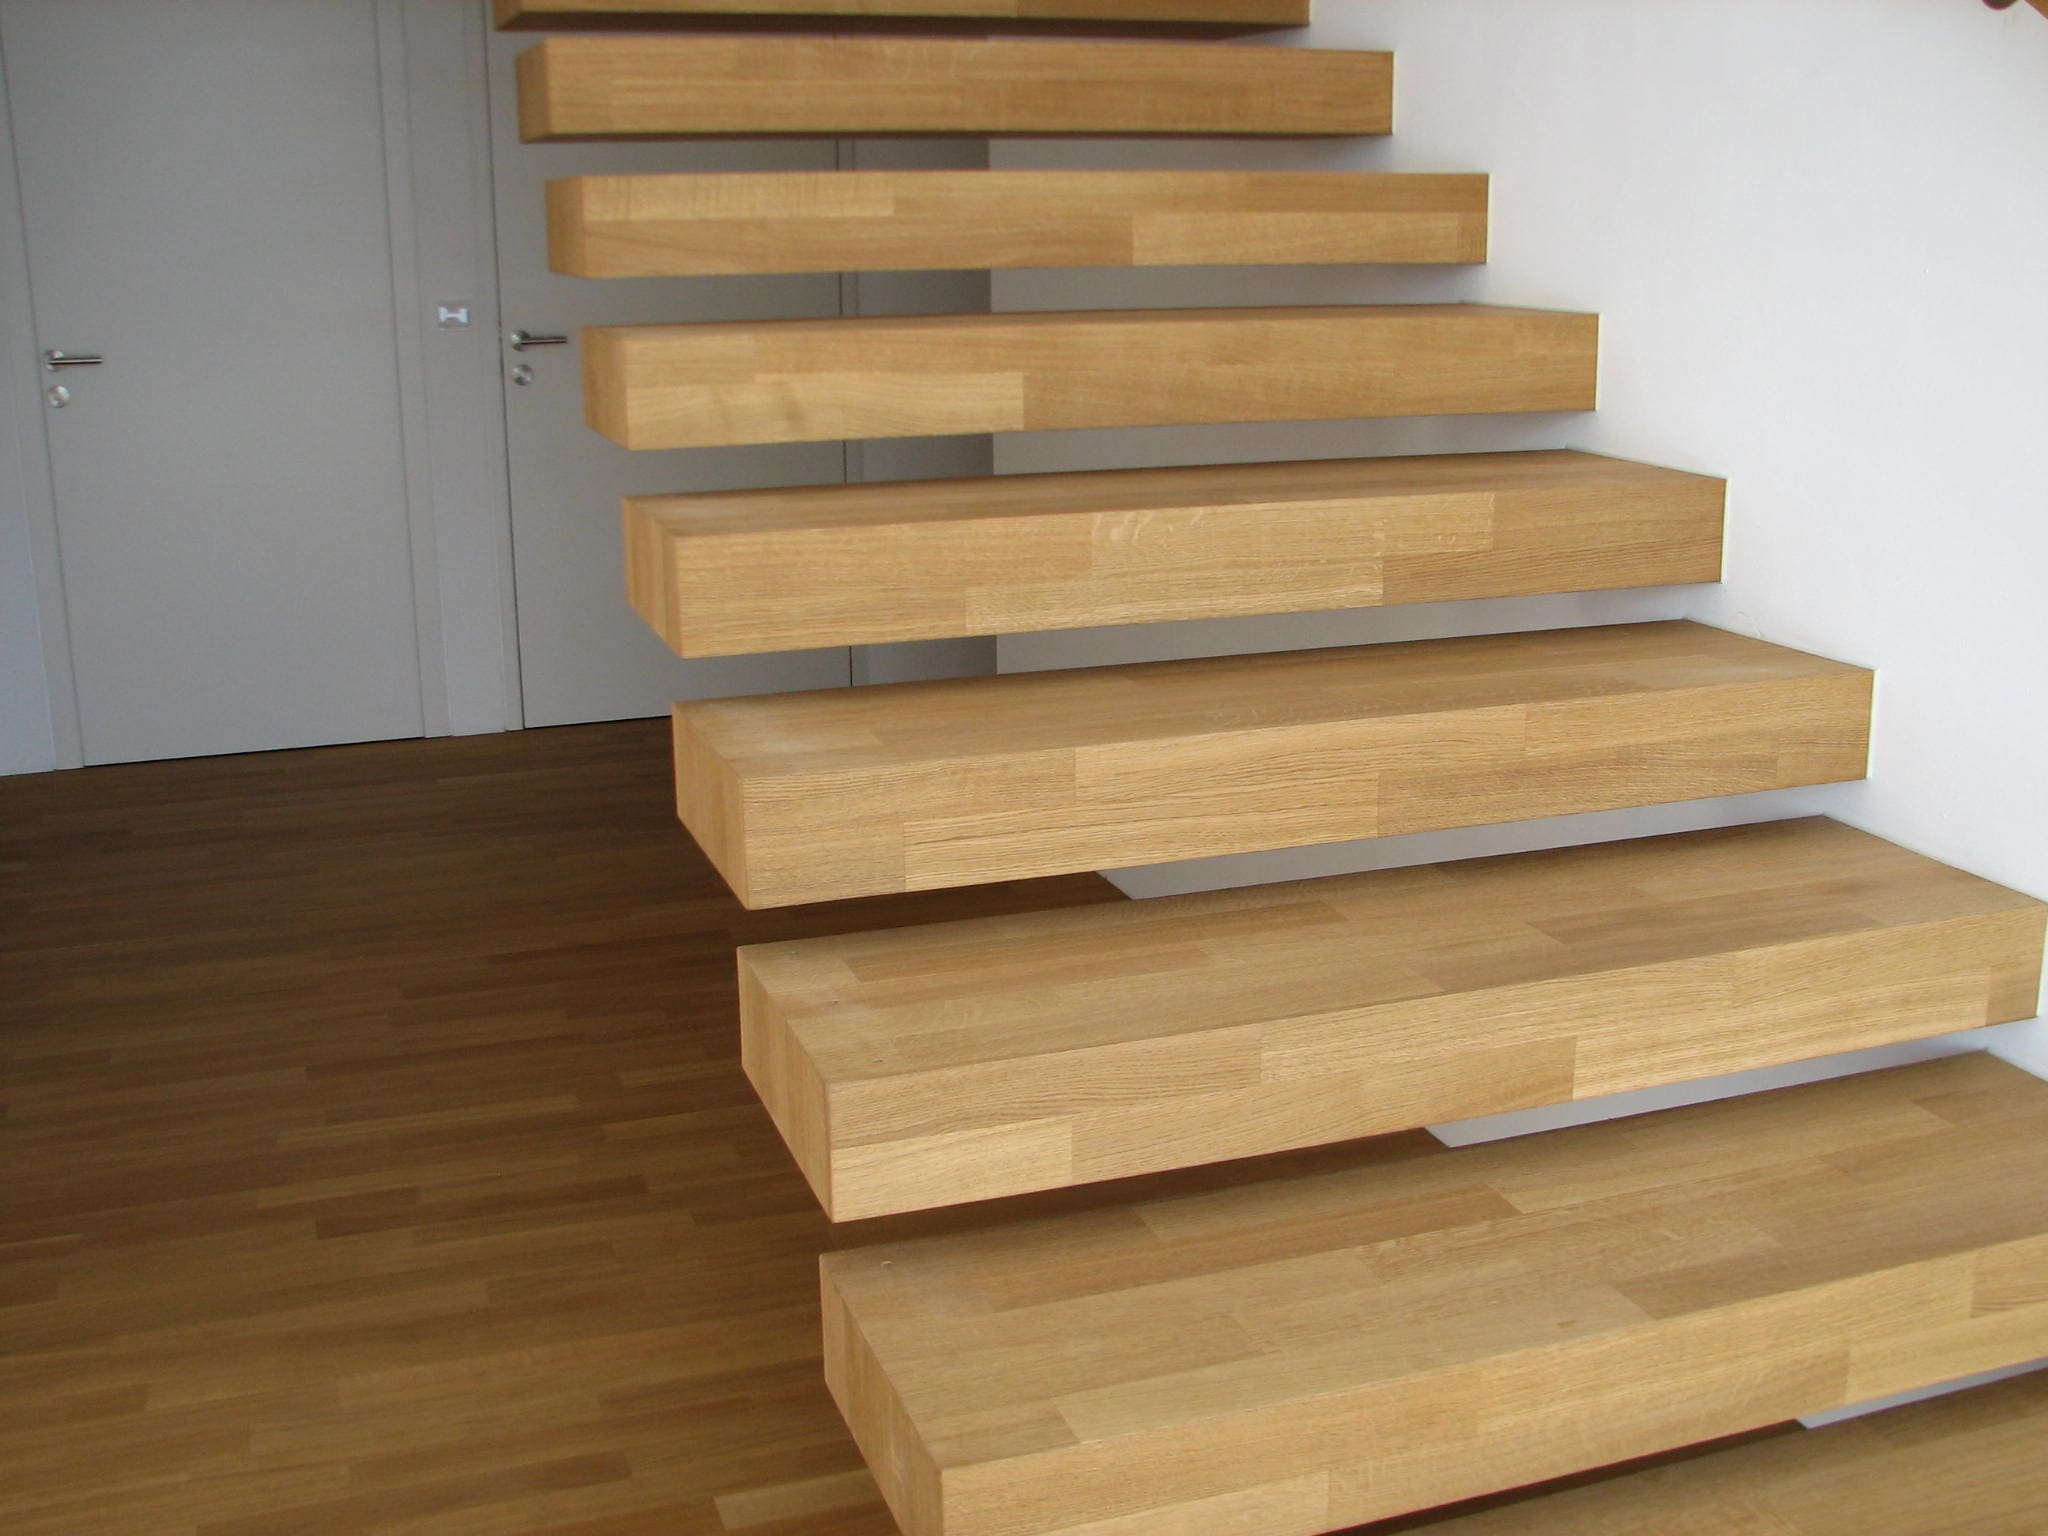 Treppe ohne sichtbare Befestigung